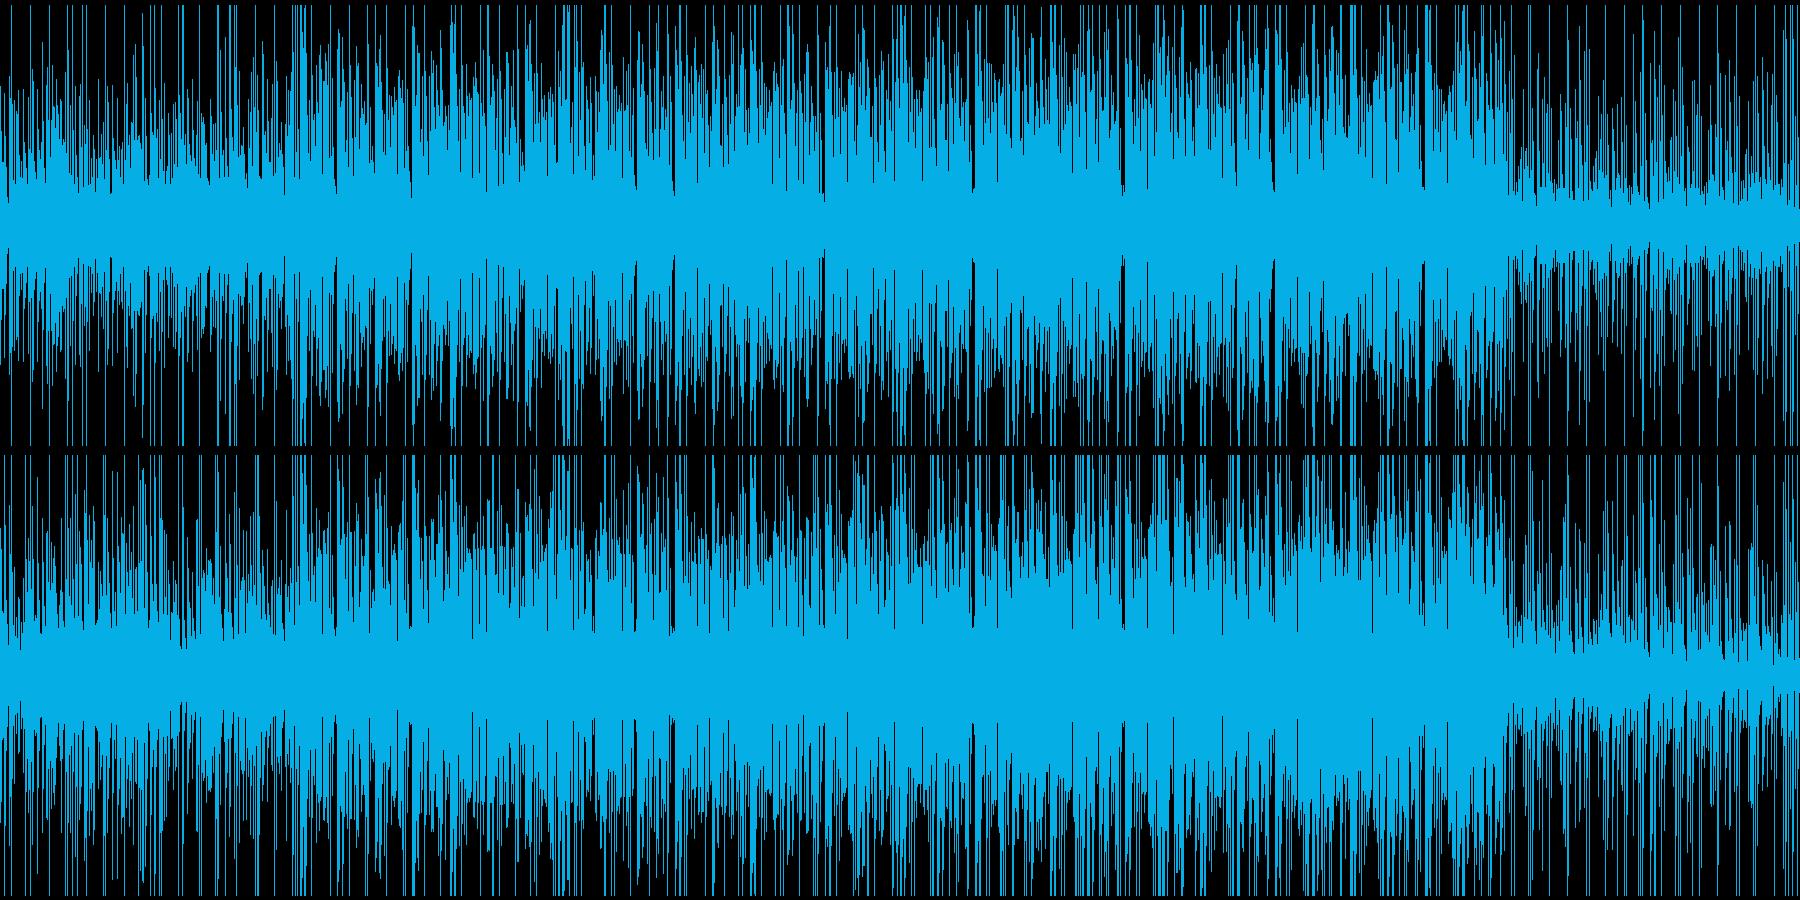 オープニング、トーク用BGM(ループ)の再生済みの波形